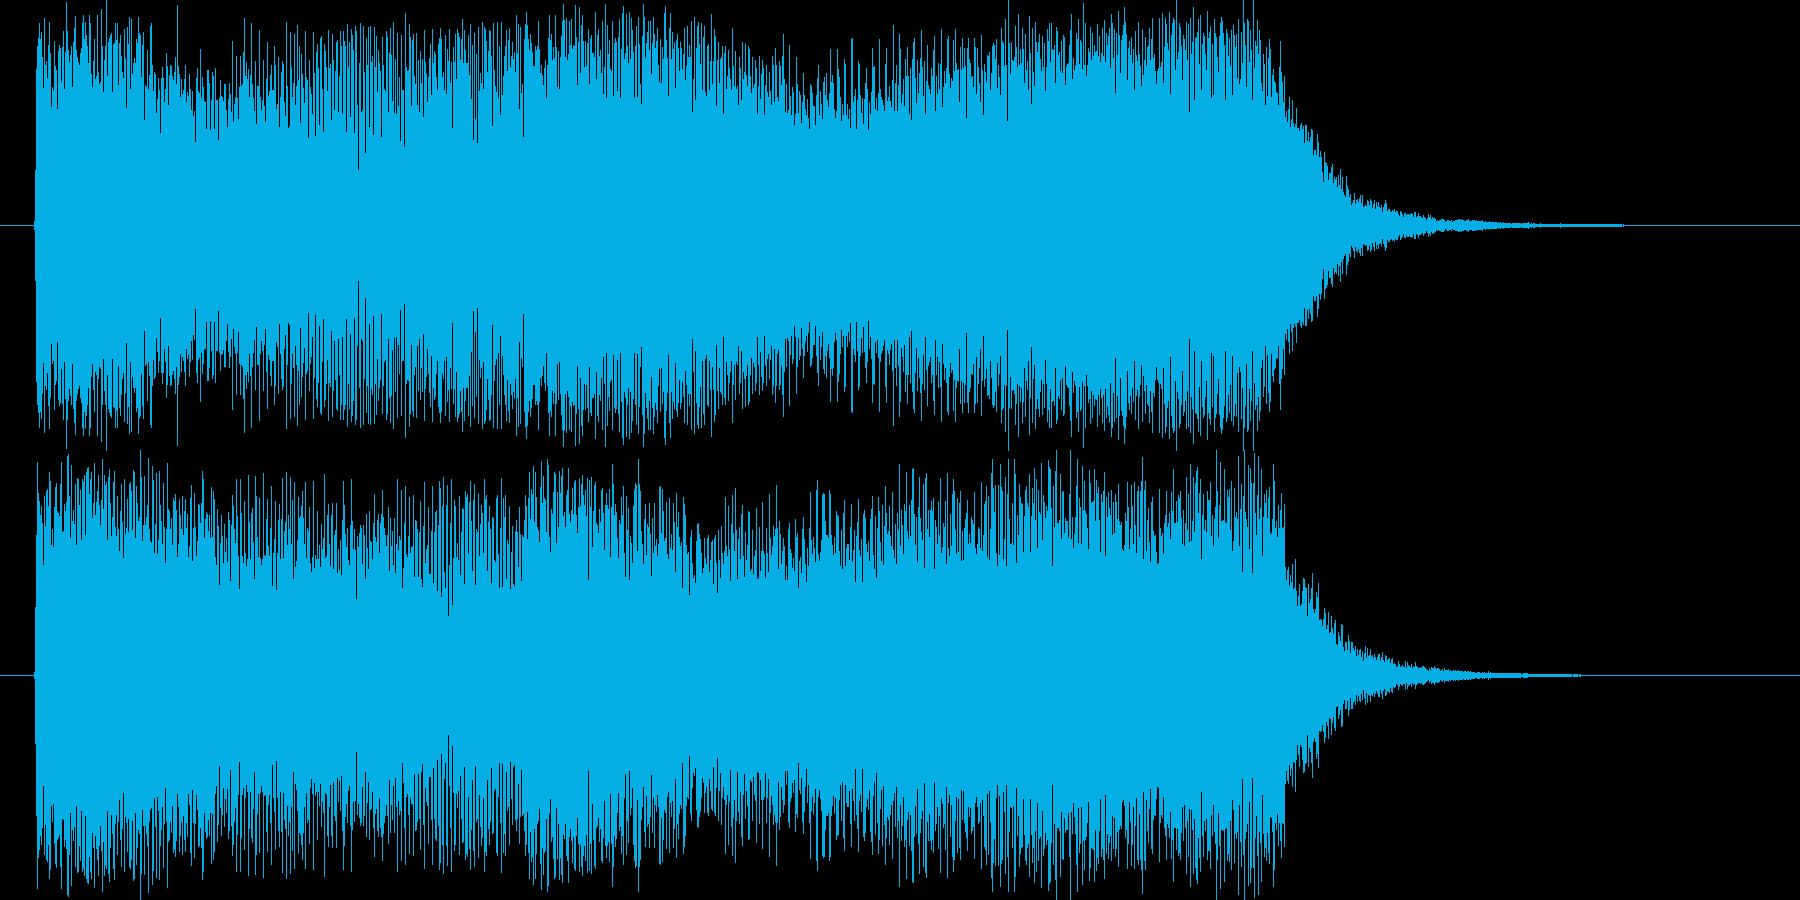 勝利やクリアをイメージした8秒の短いジ…の再生済みの波形